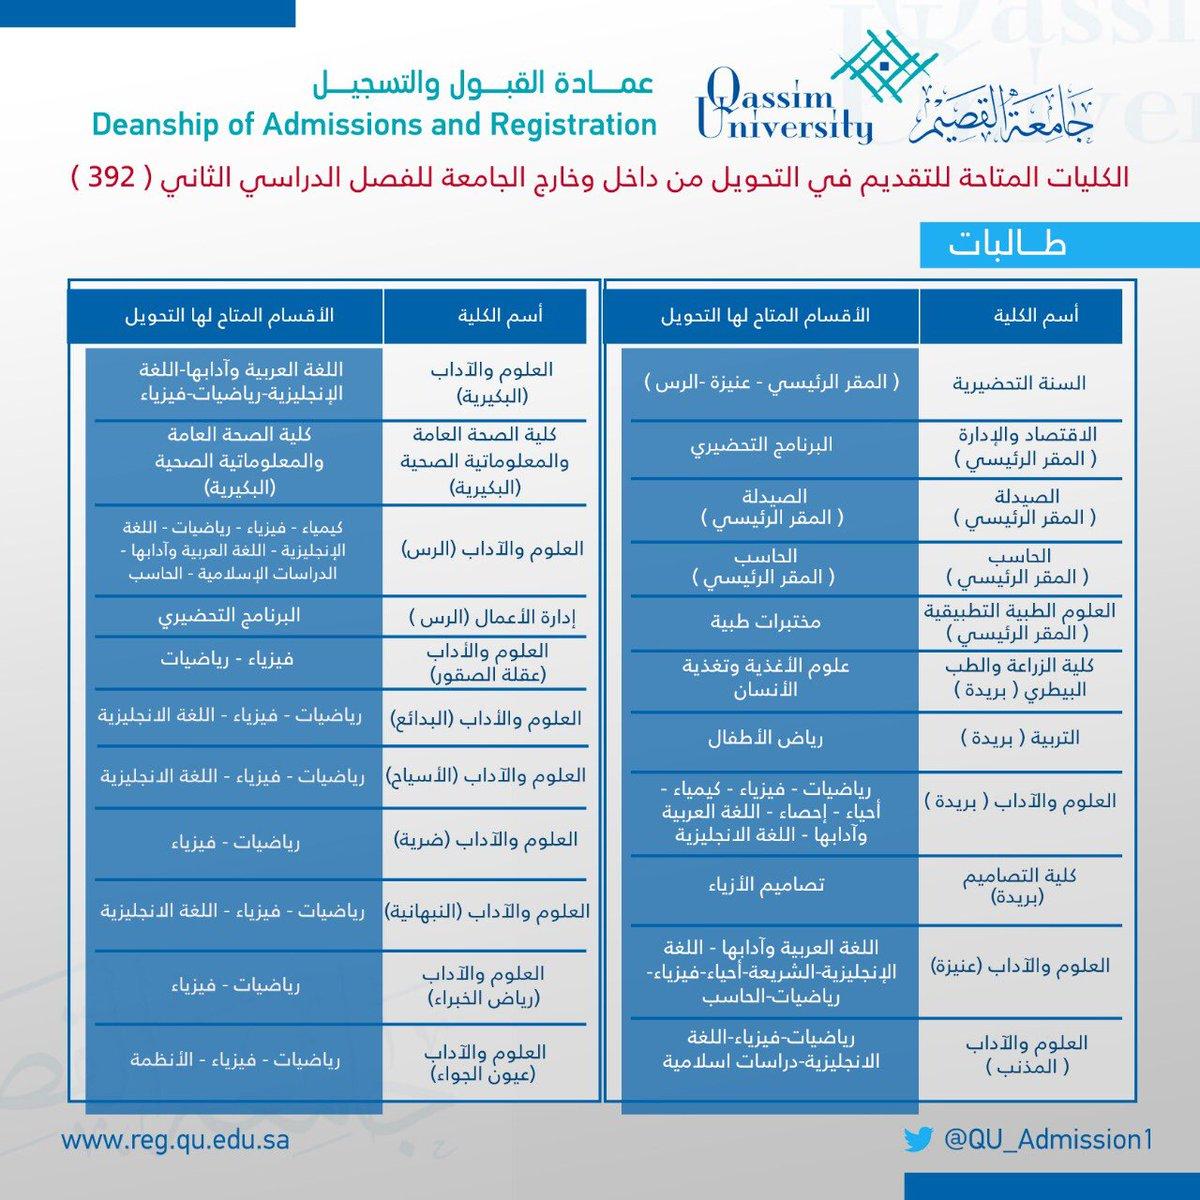 عمادة القبول والتسجيل Pa Twitter خطوات التحويل الخارجي من جامعة أخرى إلى جامعة القصيم عمادة القبول والتسجيل جامعة القصيم